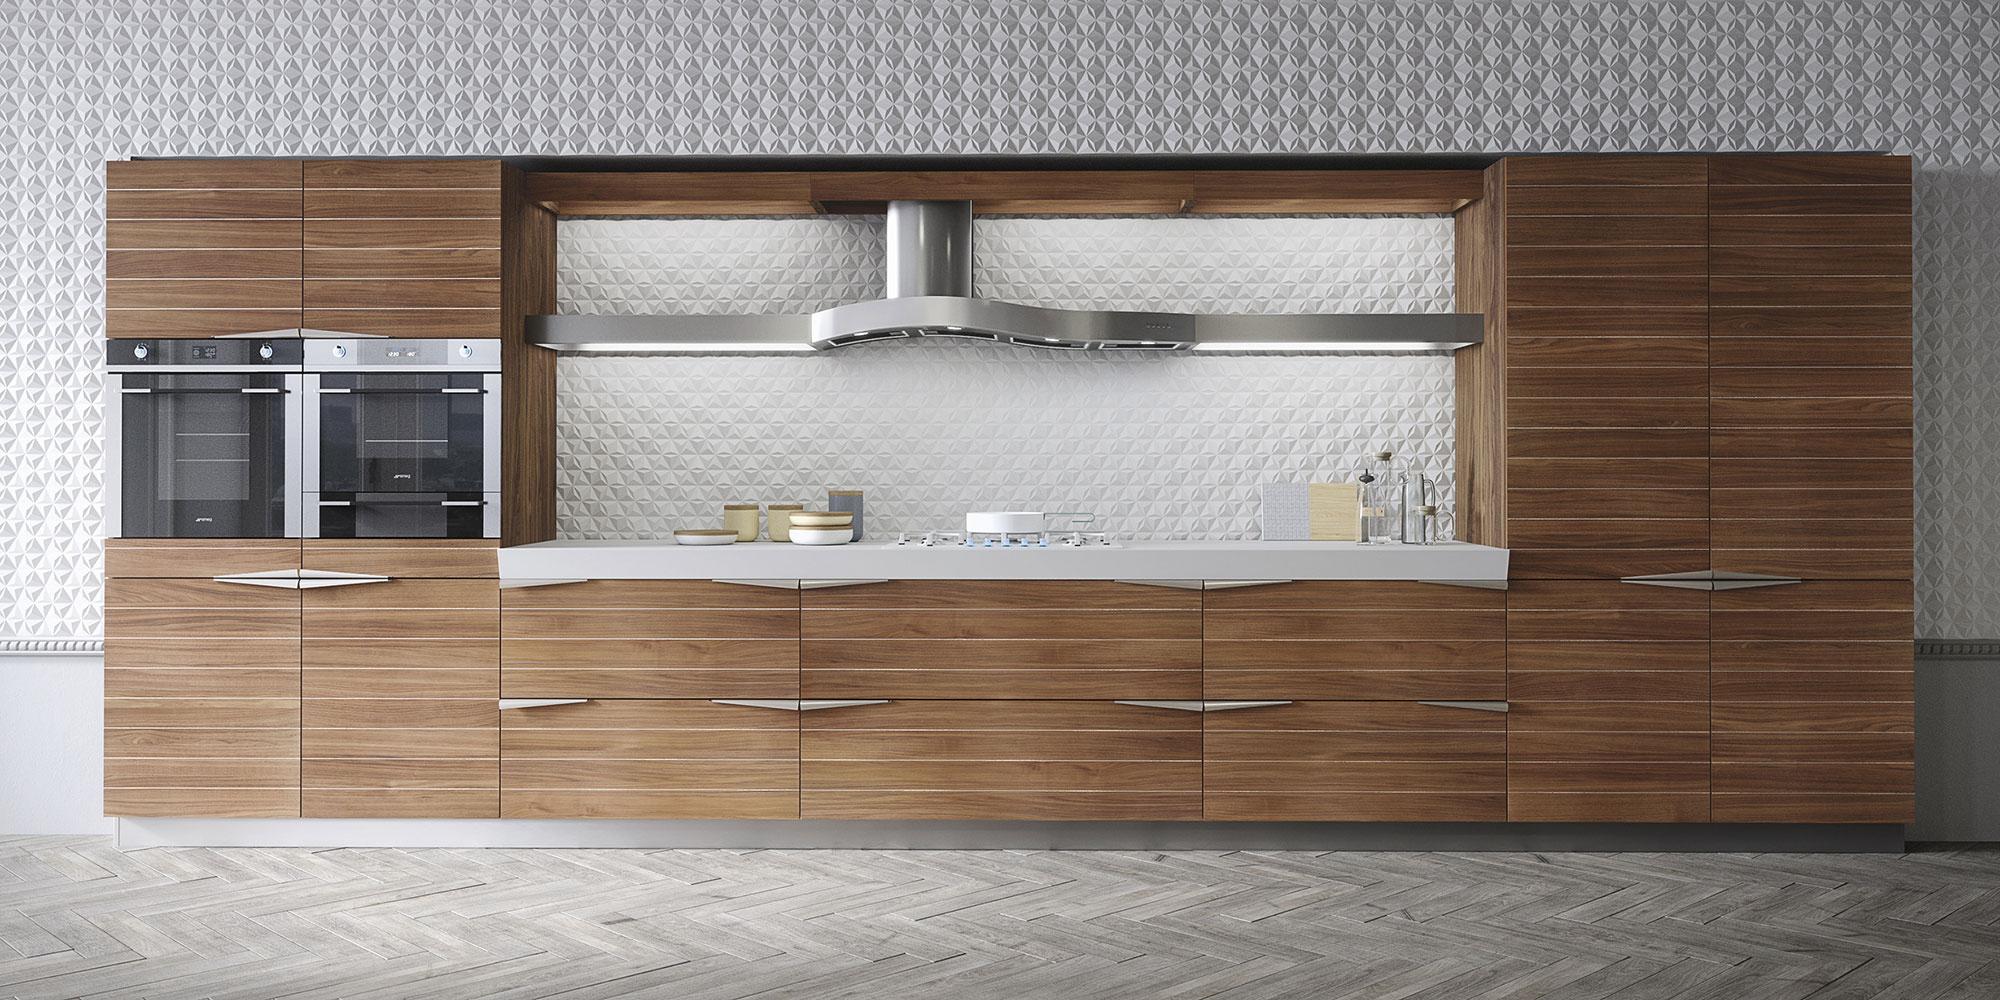 Современный дизайн кухонного гарнитура: встроенная техника